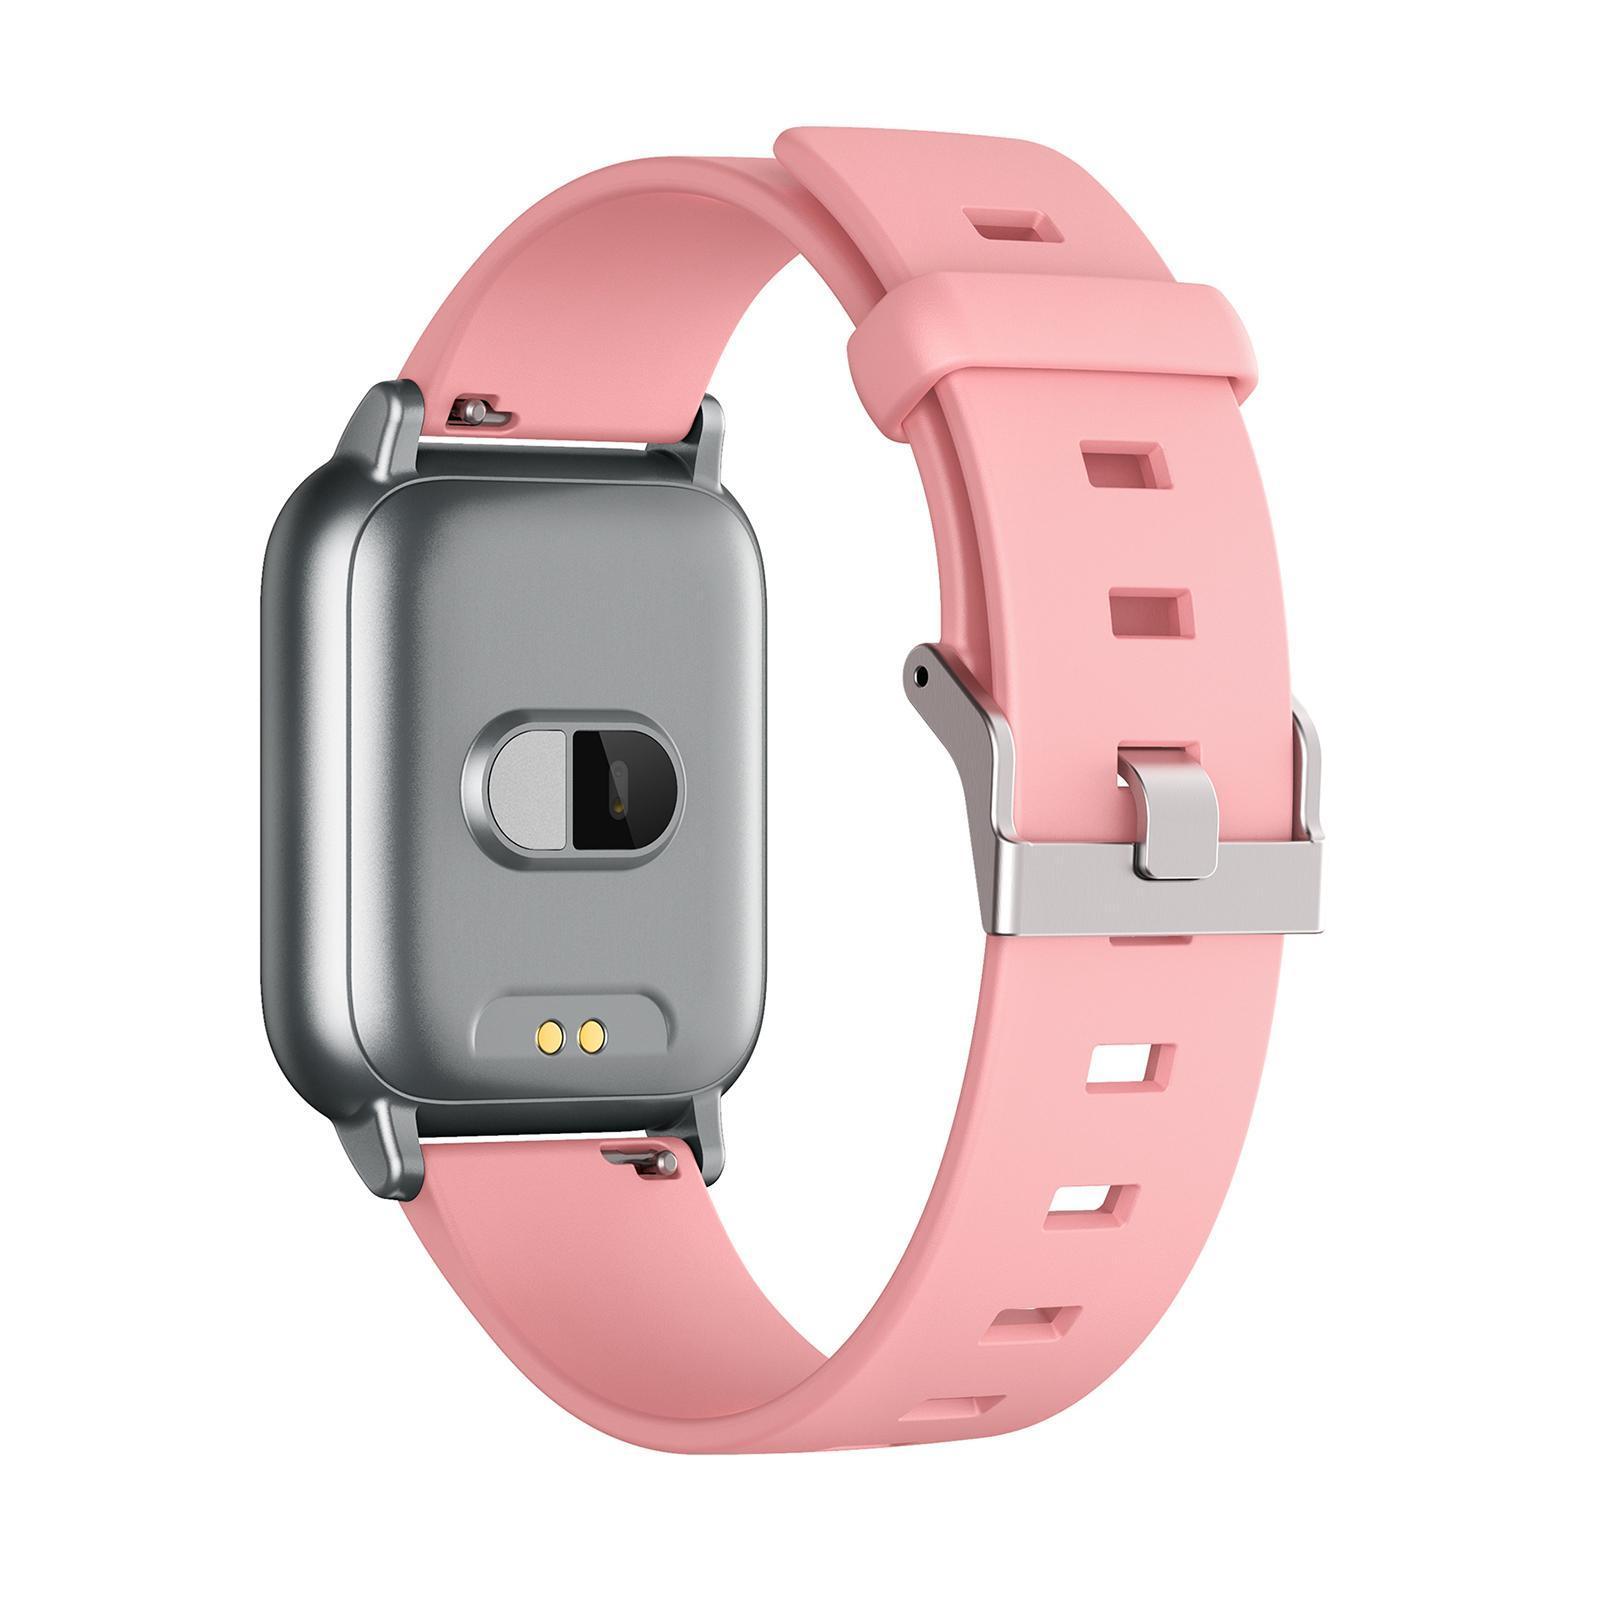 miniature 8 - 2021 NOUVEAU Bluetooth Fitness Tracker Smartwatch Sommeil Moniteur Étanche